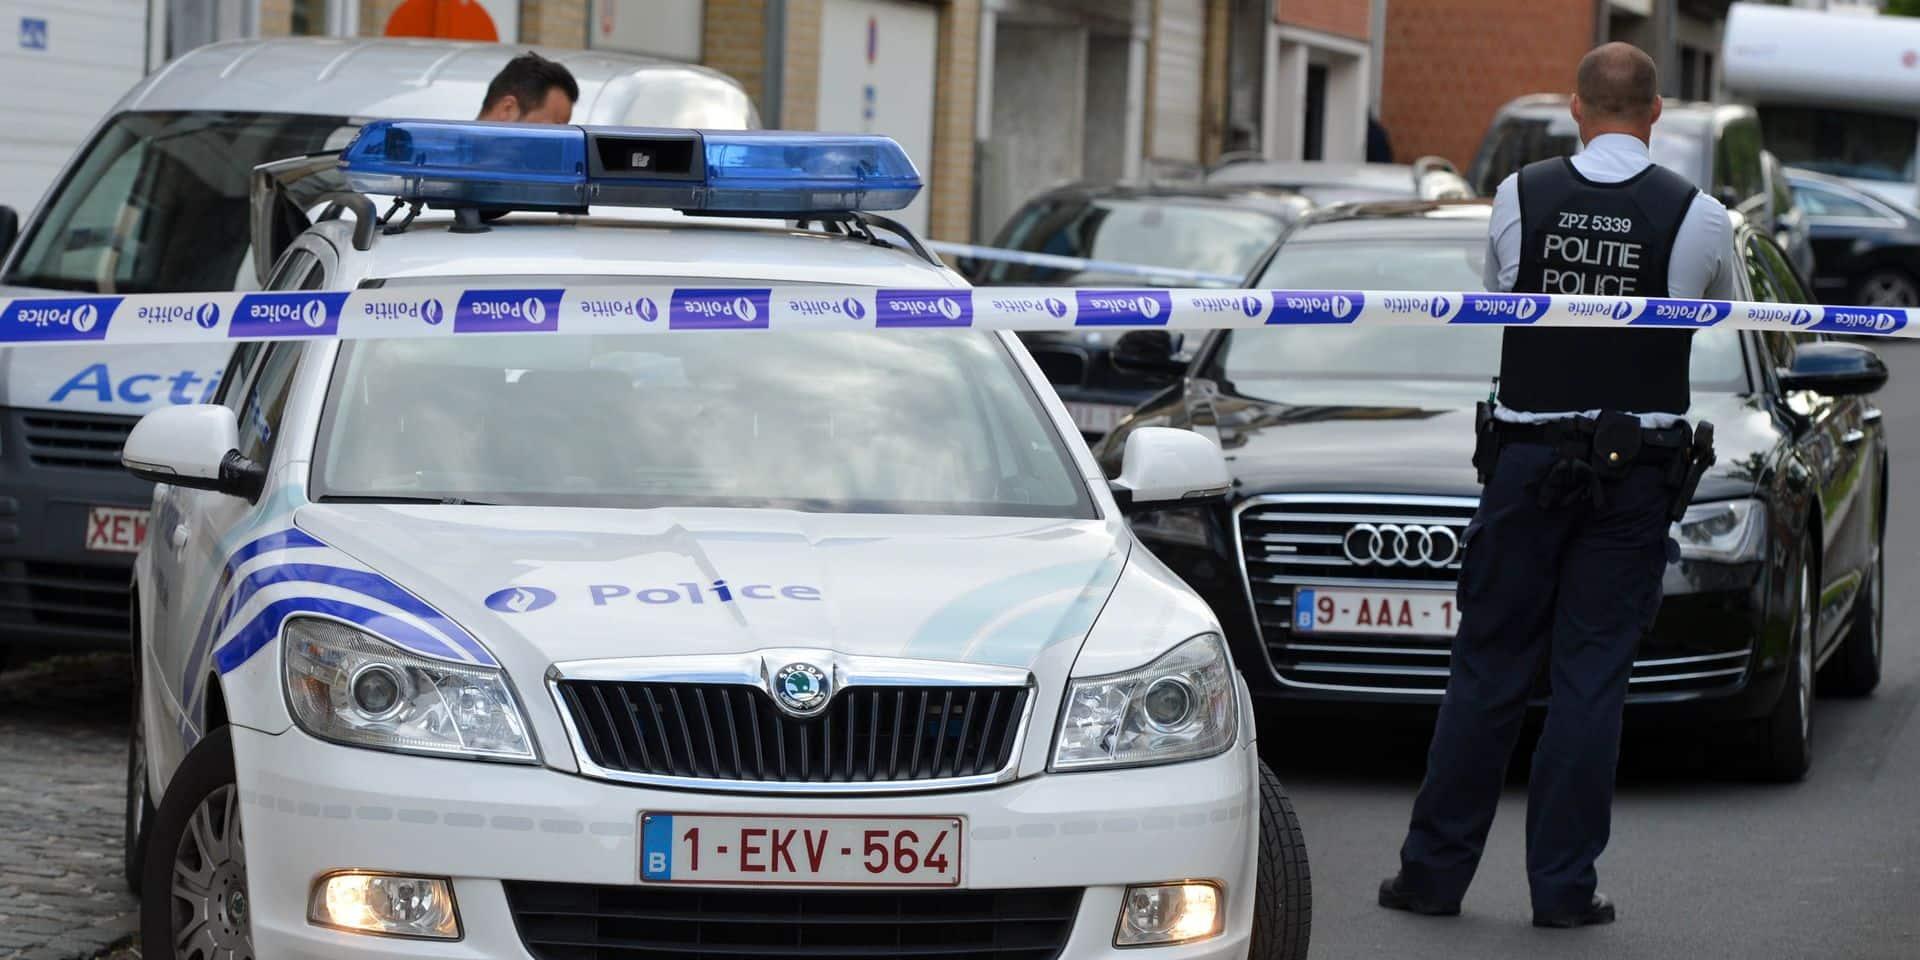 La conférence des bourgmestres bruxellois reste opposée à la fusion des zones de police